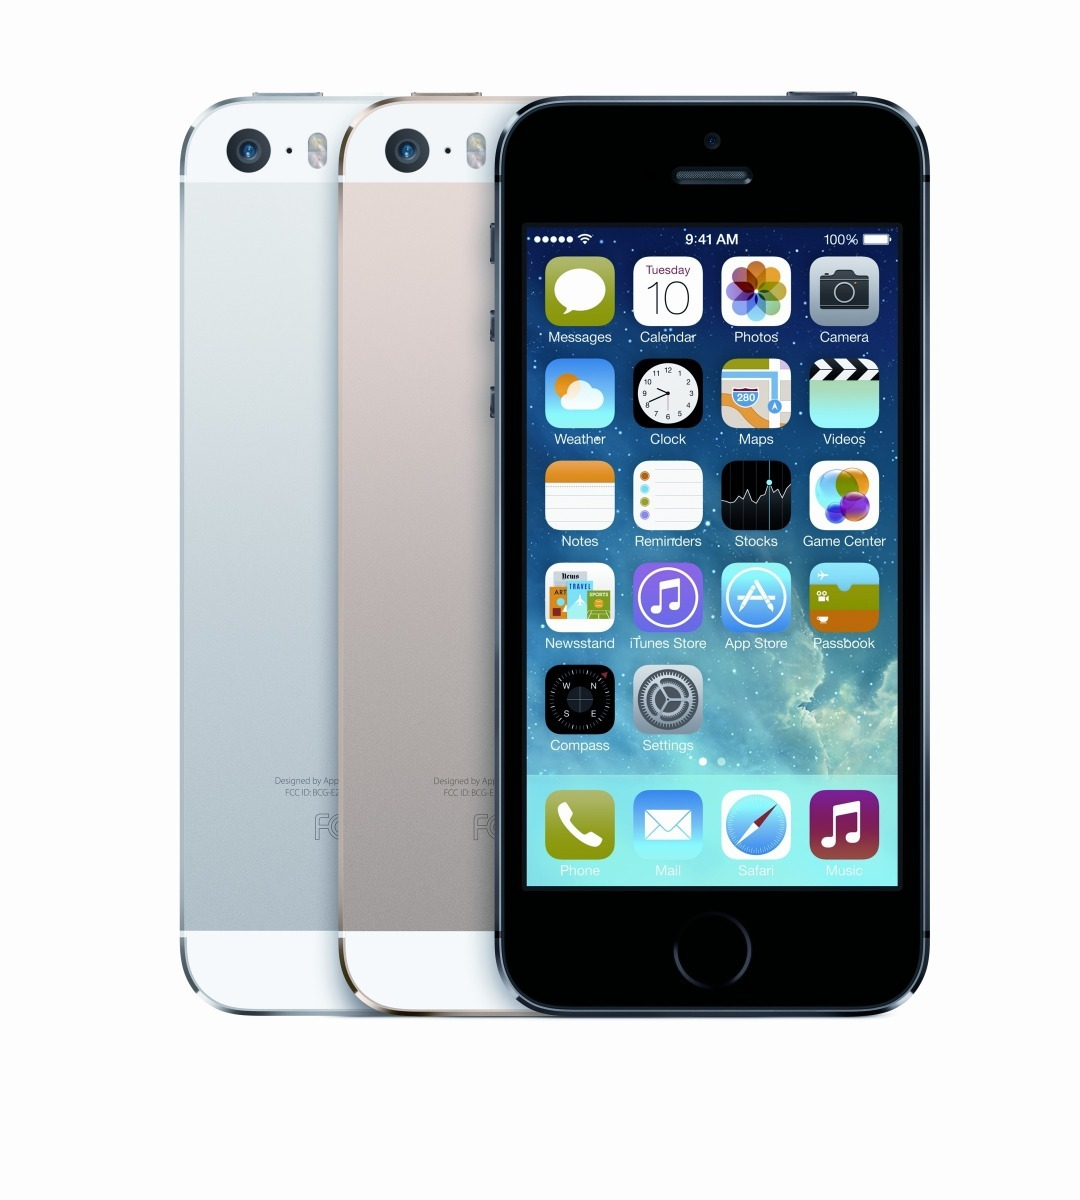 5a5e71c9ebd Apple iPhone 5s 16gb Nuevo + Lamina Y Funda - Phone Store ...